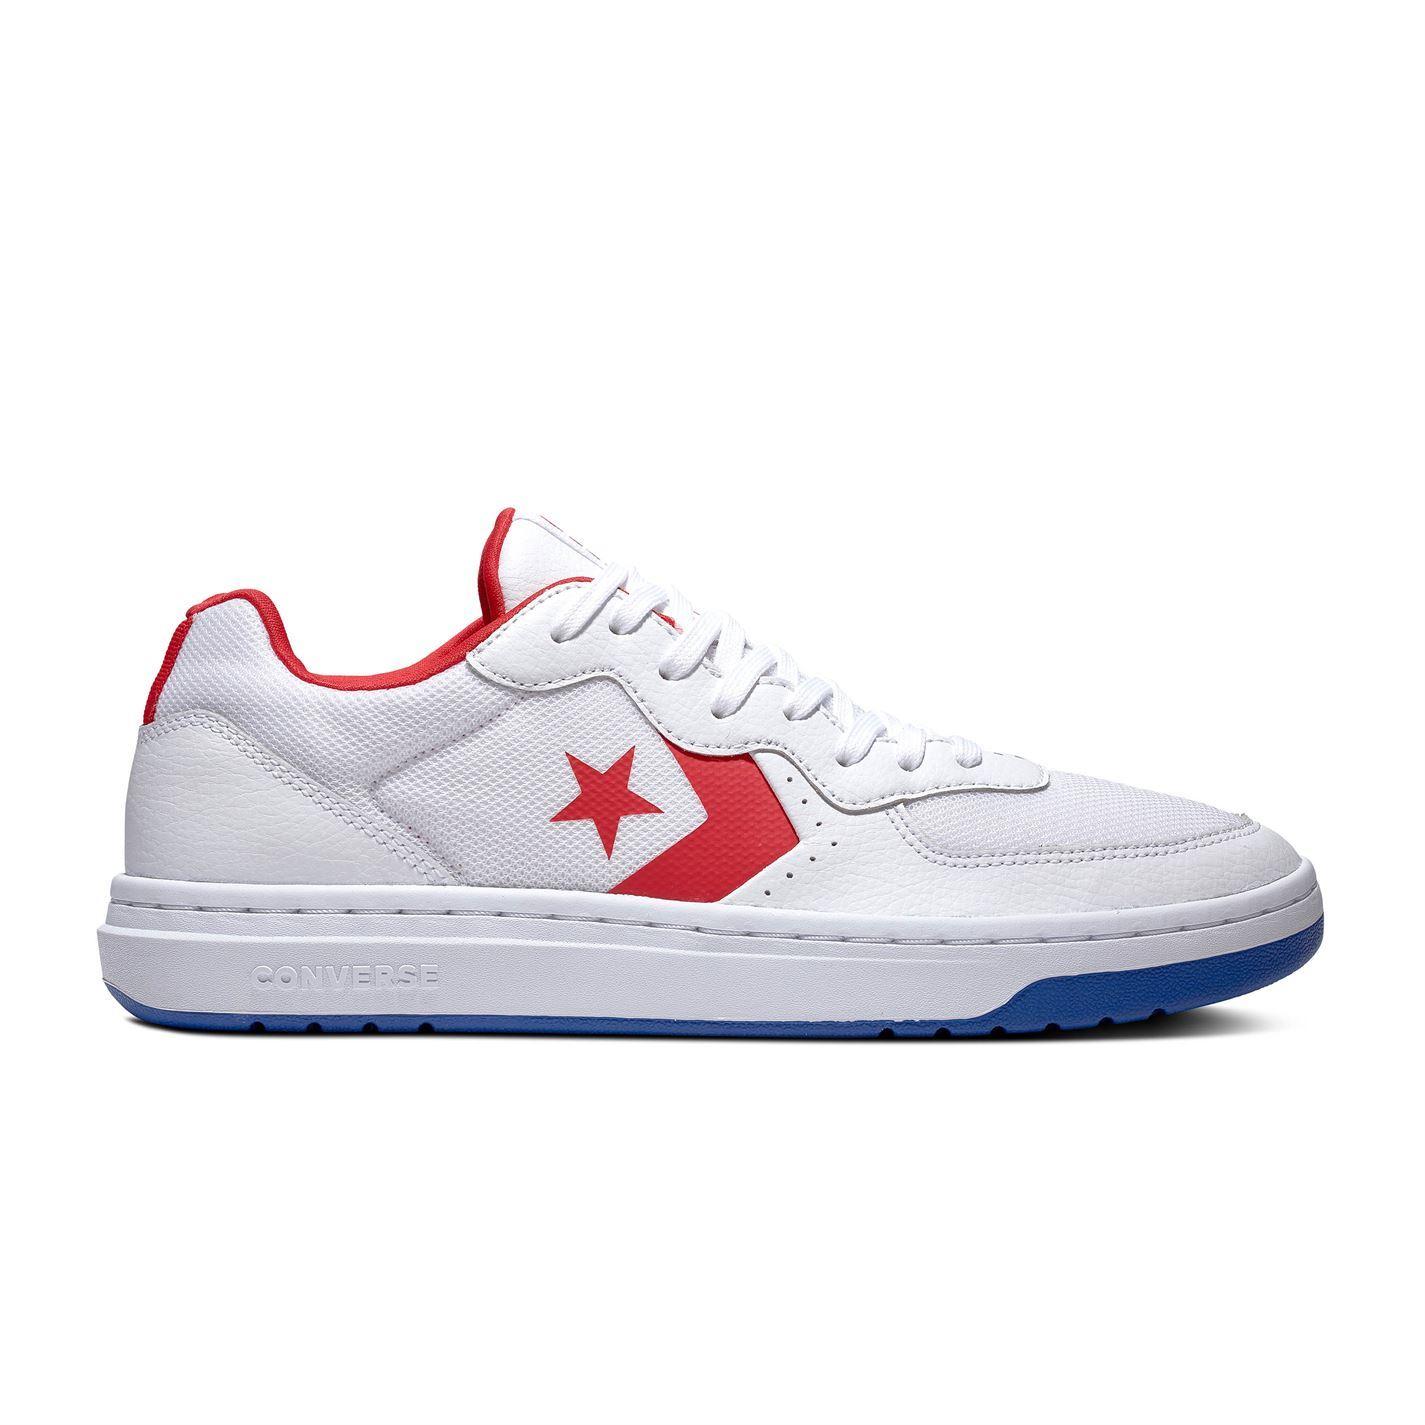 Converse-Rival-Baskets-Pour-Homme-Chaussures-De-Loisirs-Chaussures-Baskets miniature 28